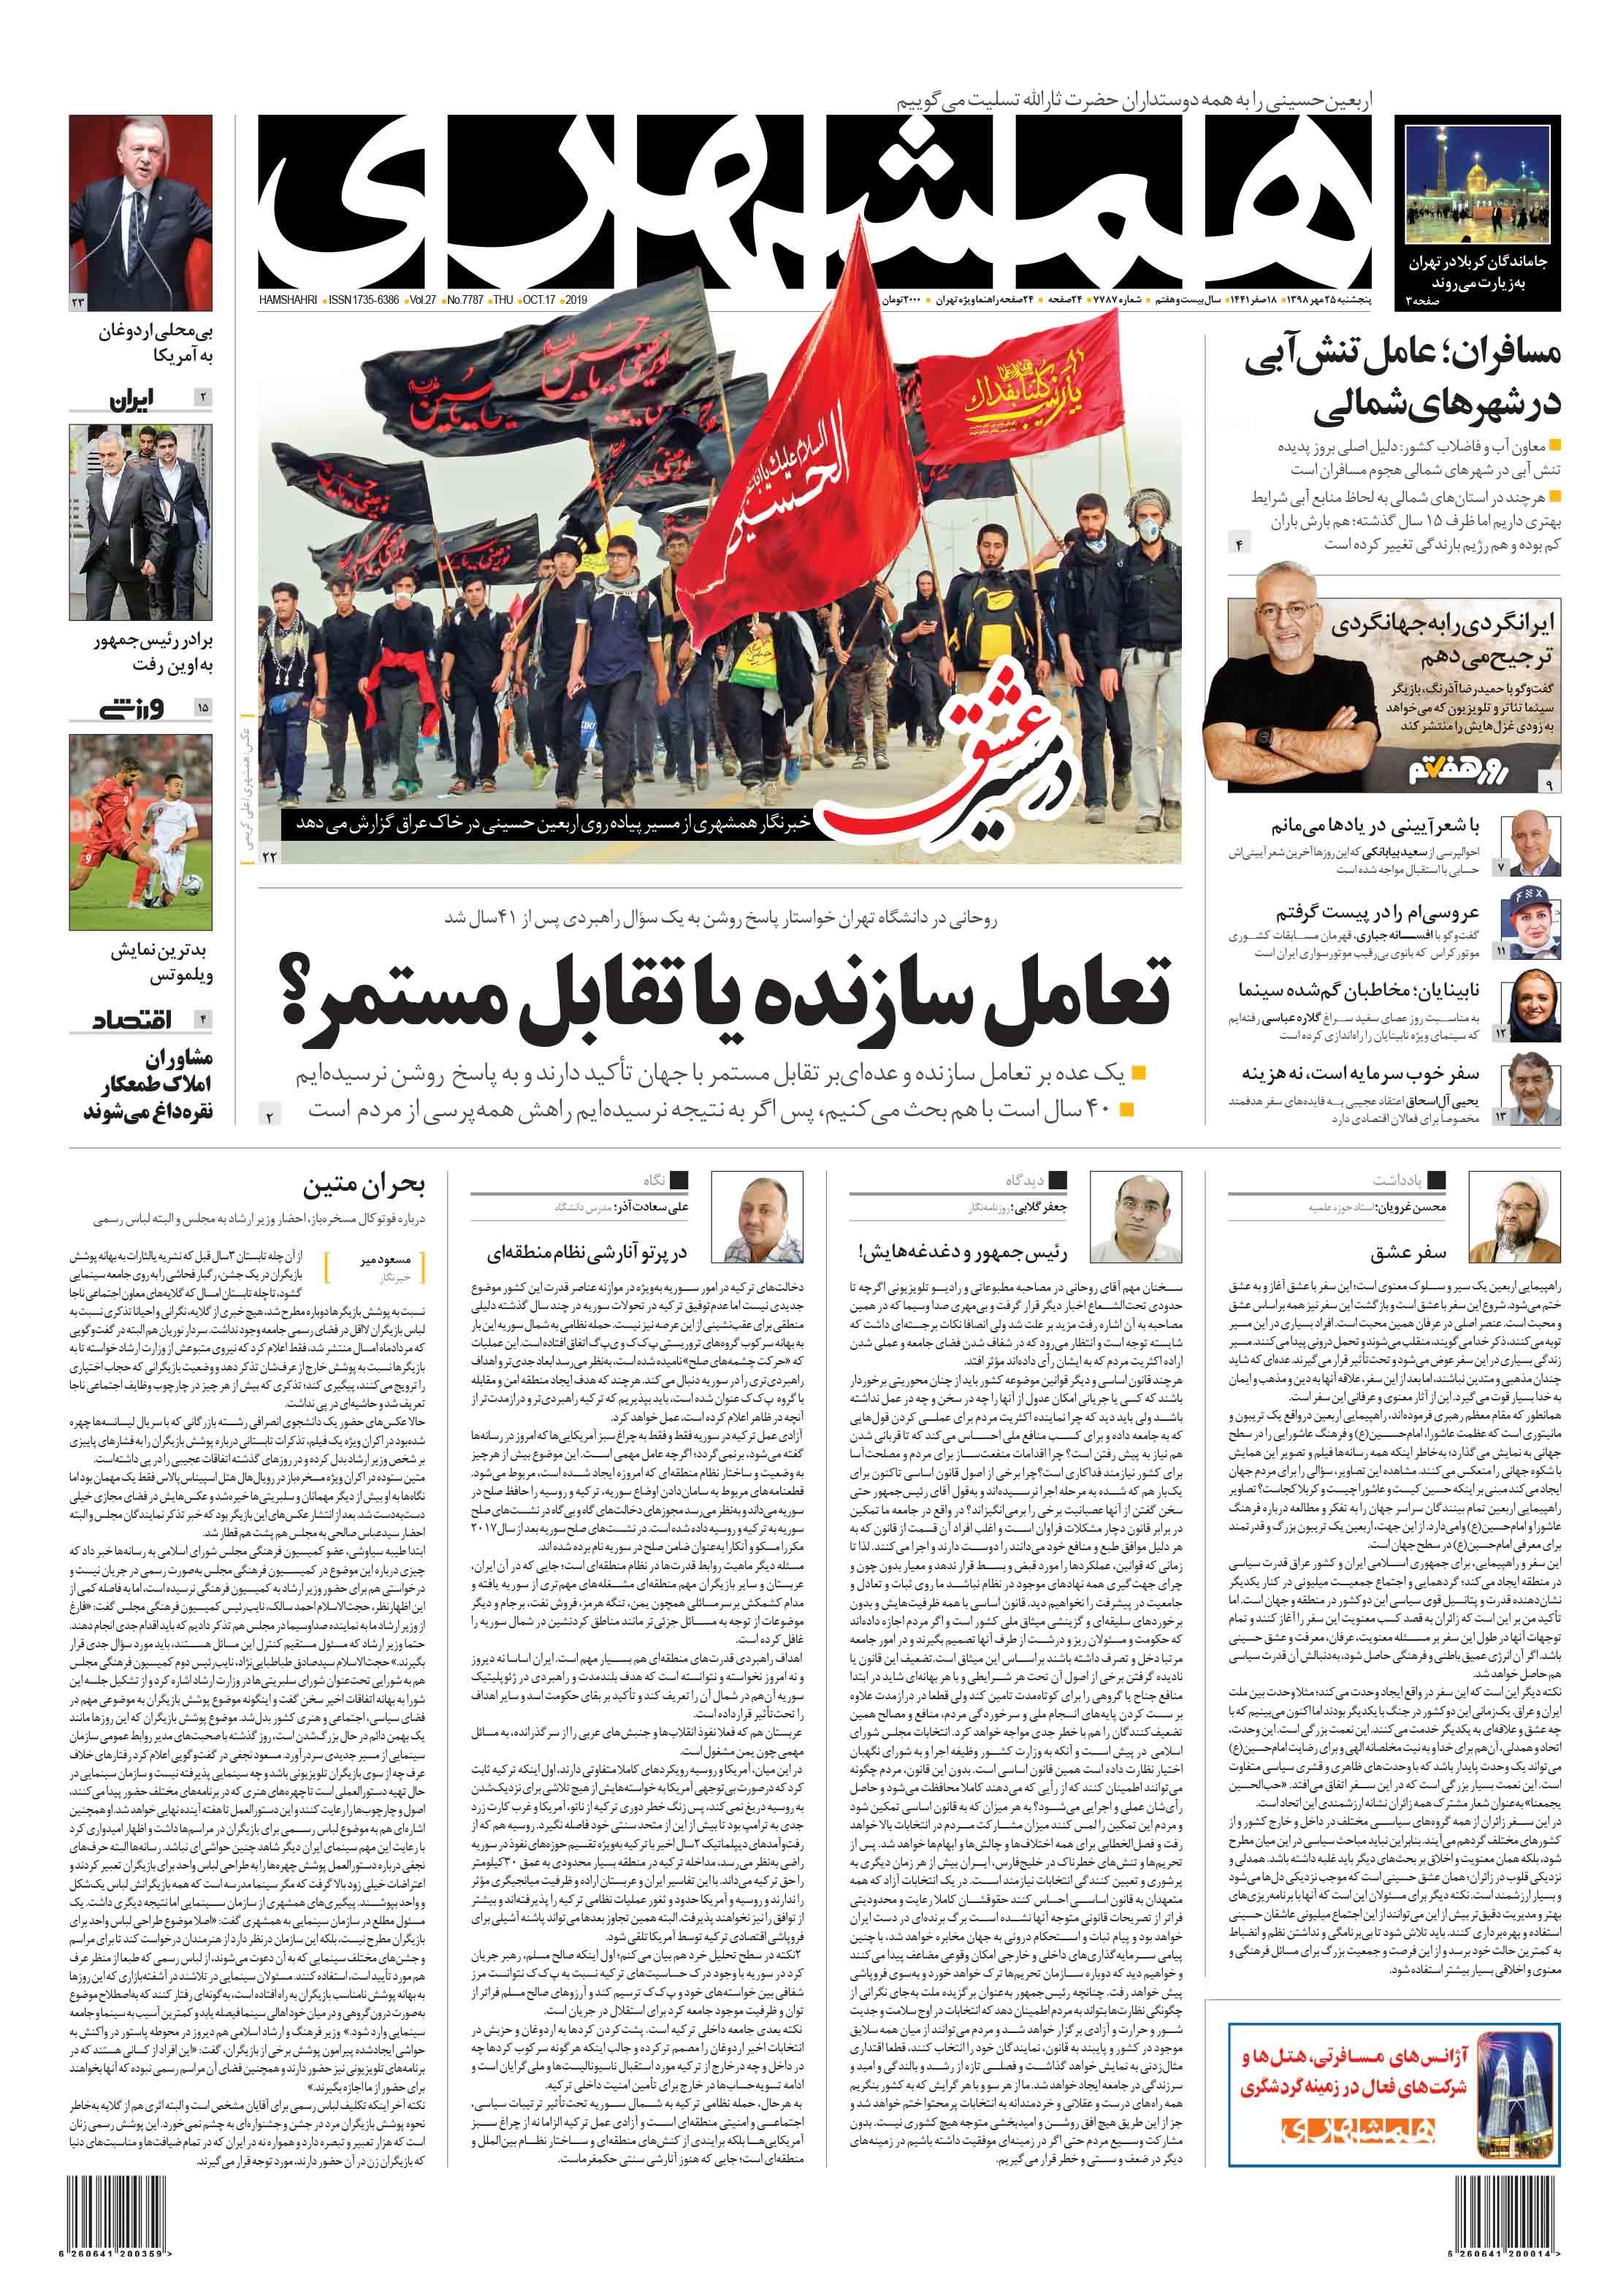 صفحه اول پنجشنبه 25 مهر 1398